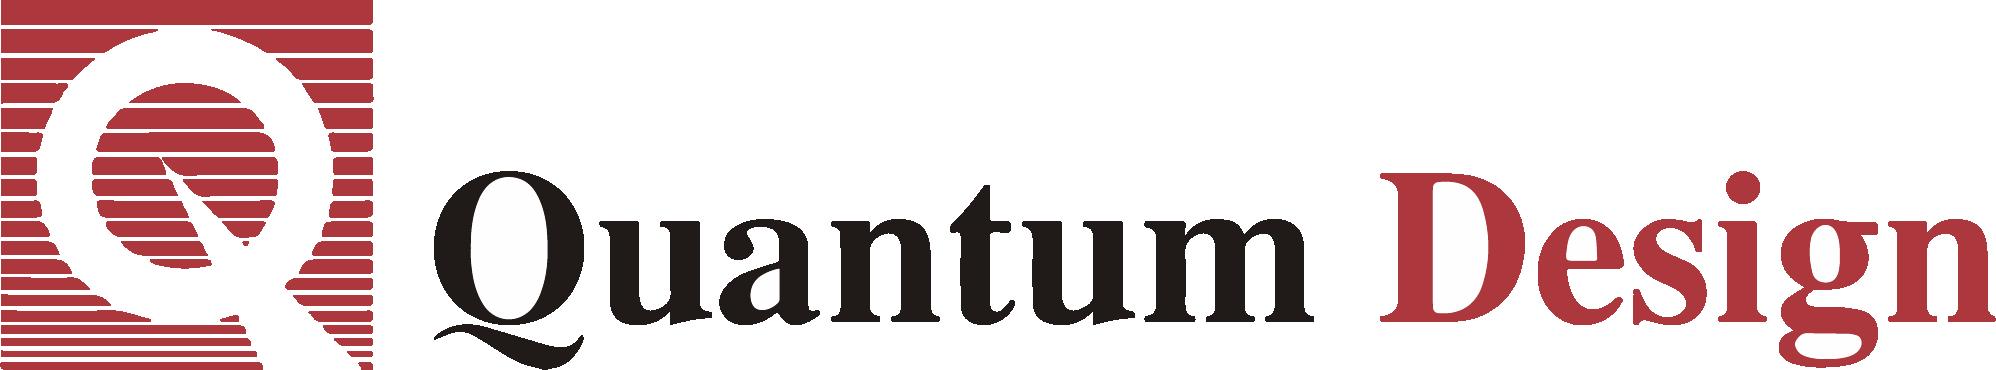 QuantumLogo.png